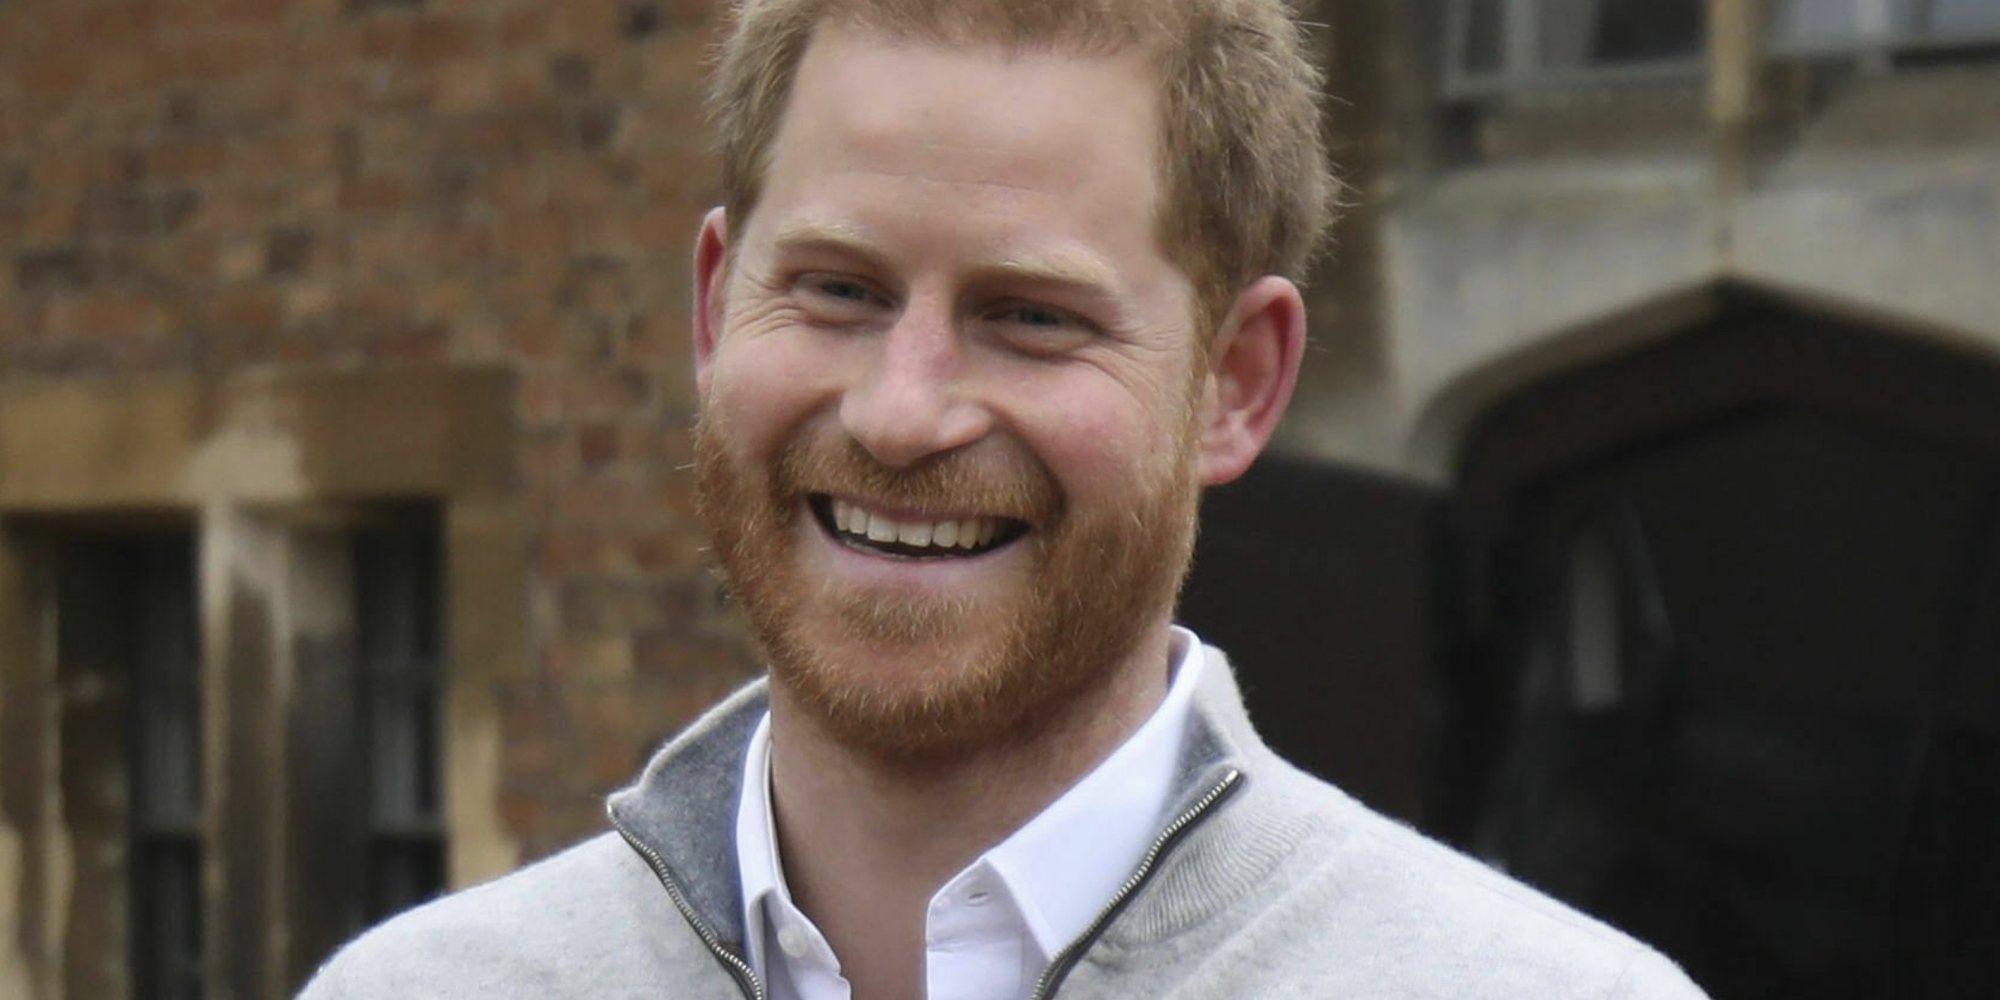 Un antiguo compañero del Príncipe Harry será expulsado del ejército británico por consumo de drogas